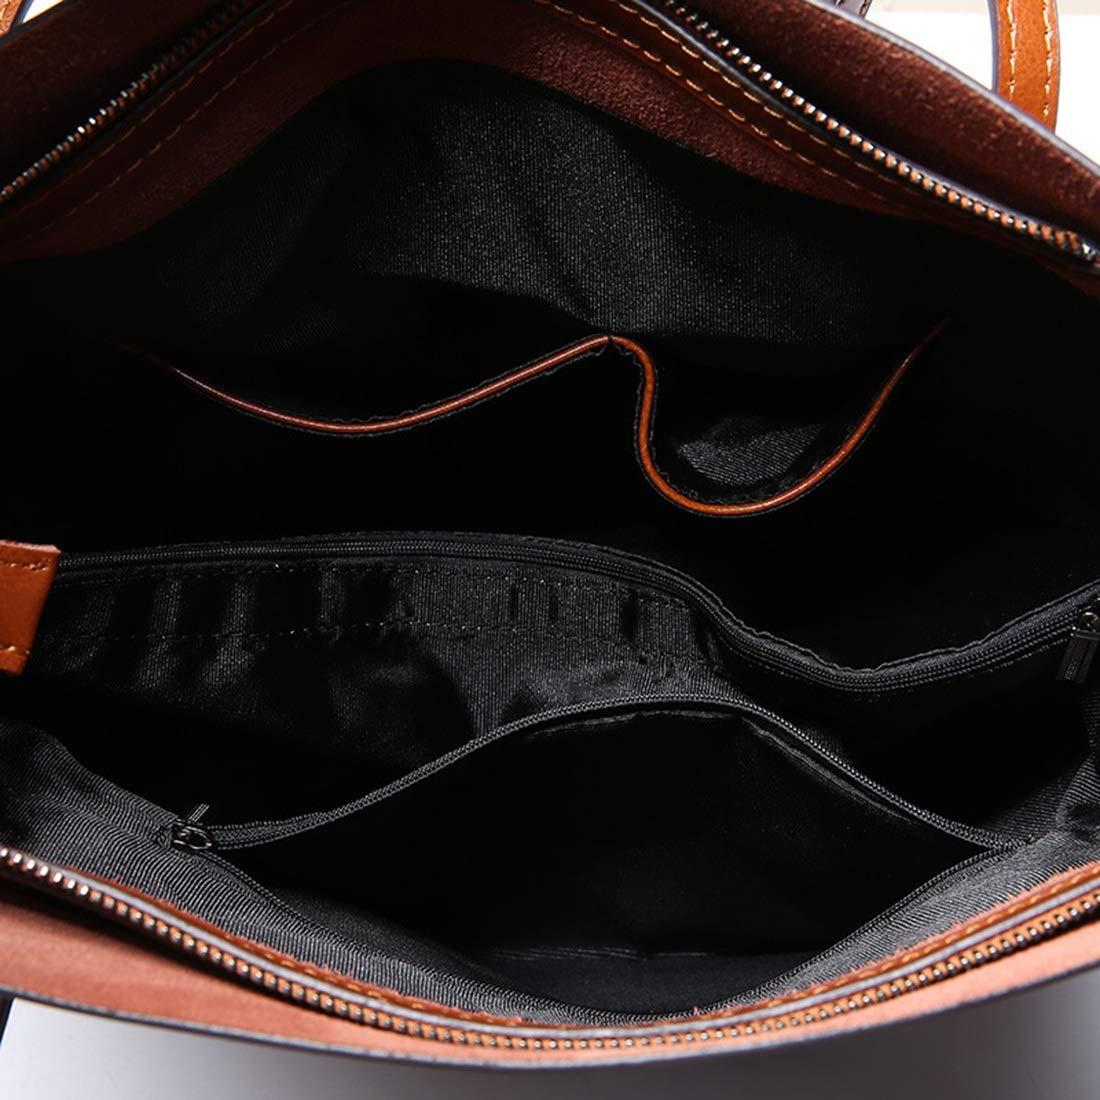 JIANZ-ryggsäck kvinnor äkta läder kvinnor topphandtag axelväska handväska tote axelväska handväska crossbody axelväska kvinnor (färg: Kaffefärg) BRUN